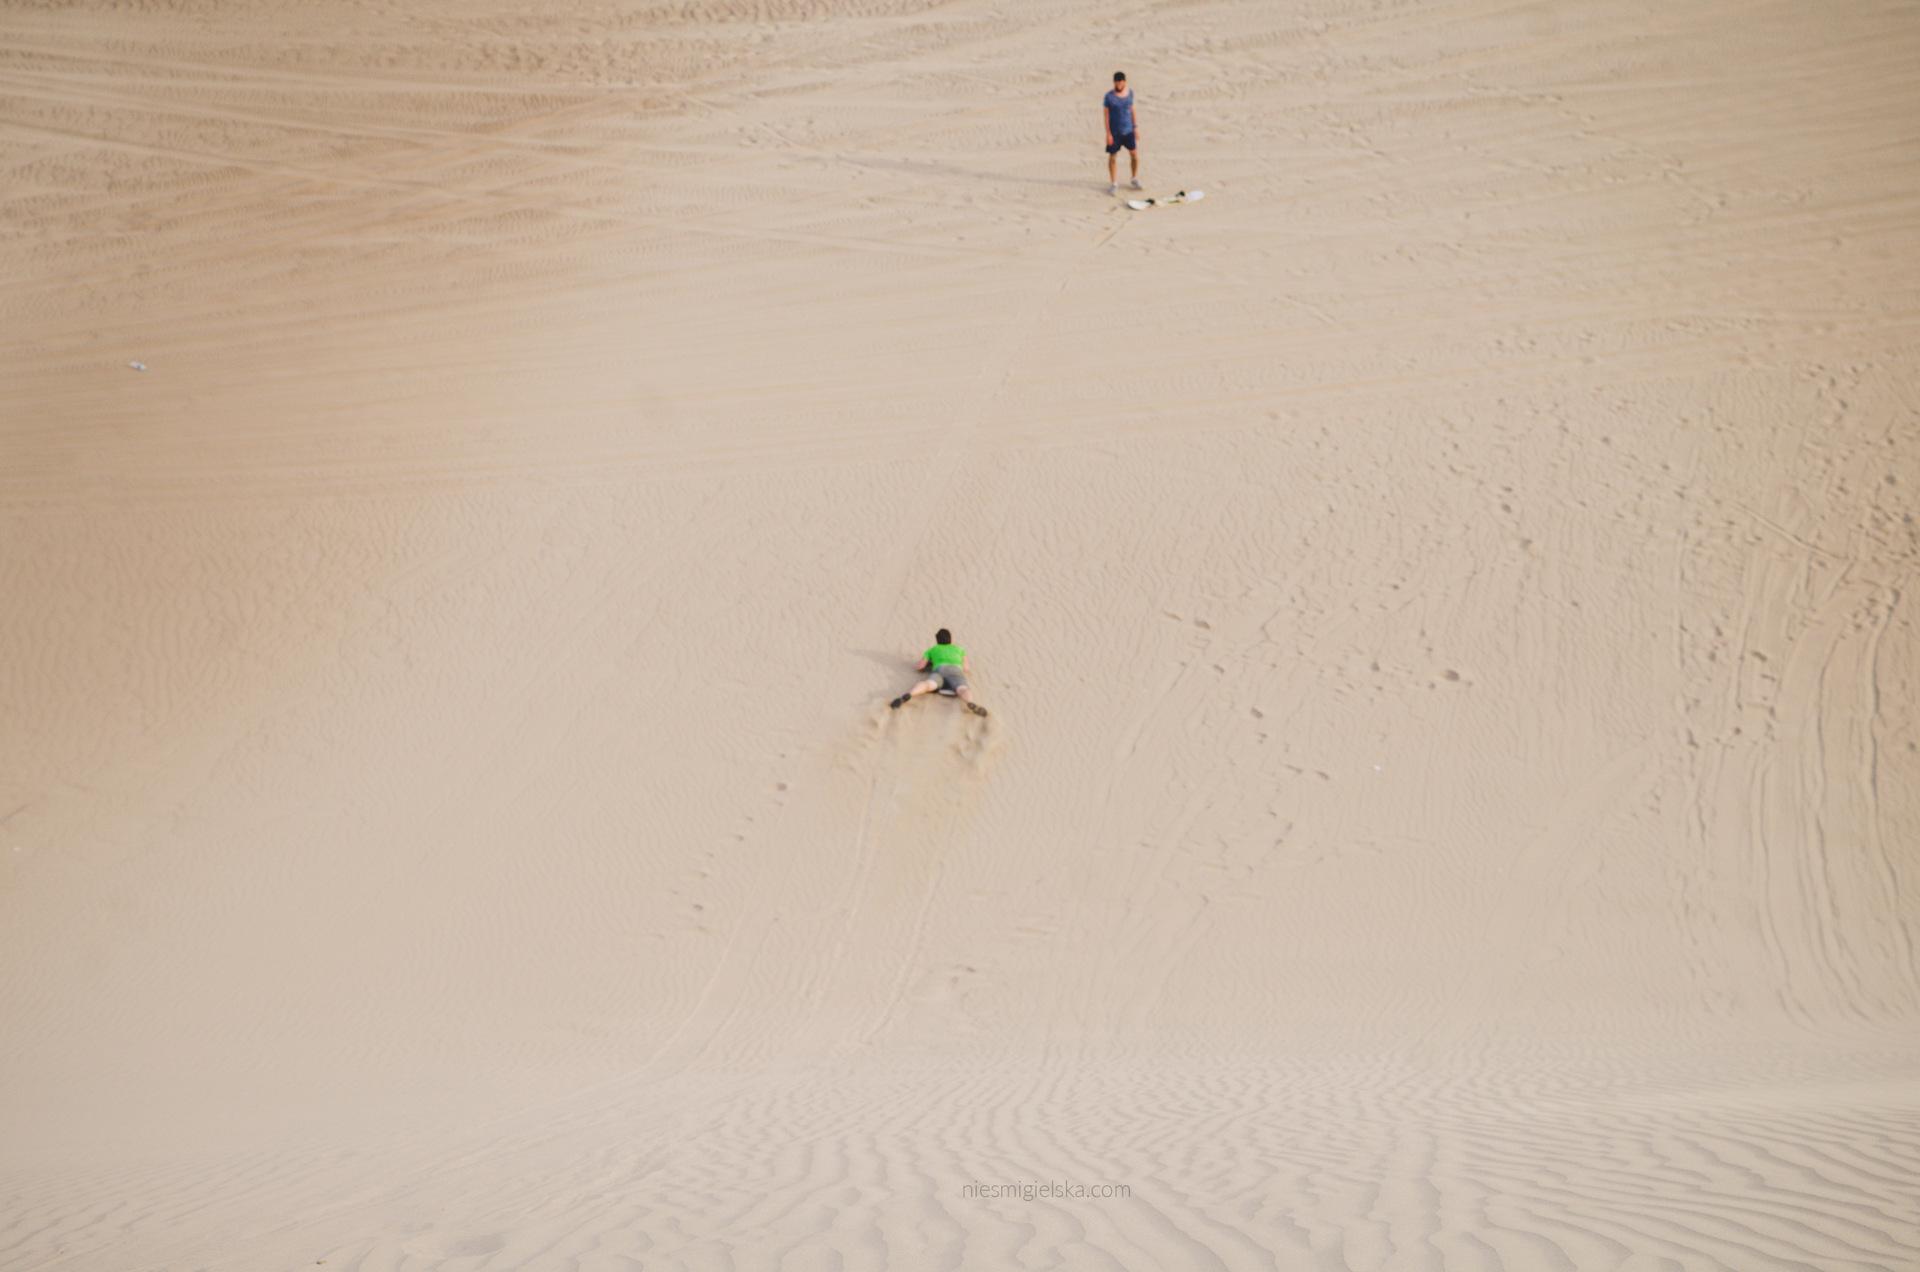 sandboarding huacachina peru